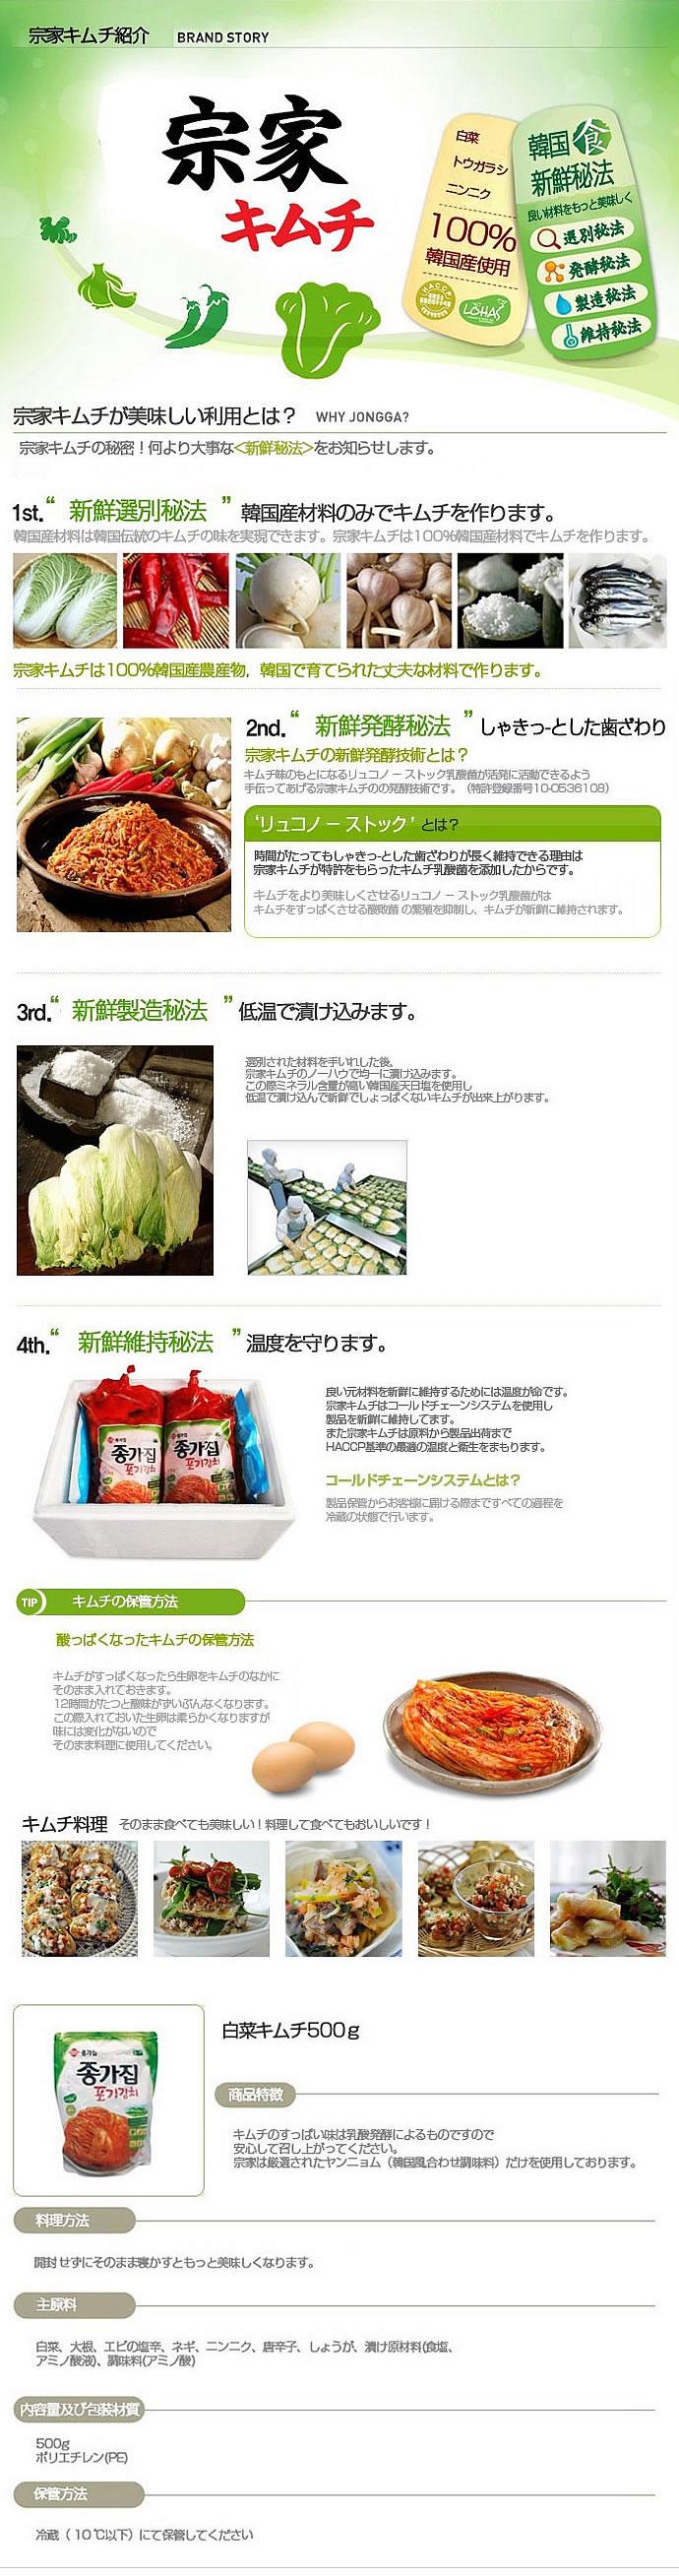 韓国食品/宗家・白菜キムチ/韓国産材料のみ使用!/500g